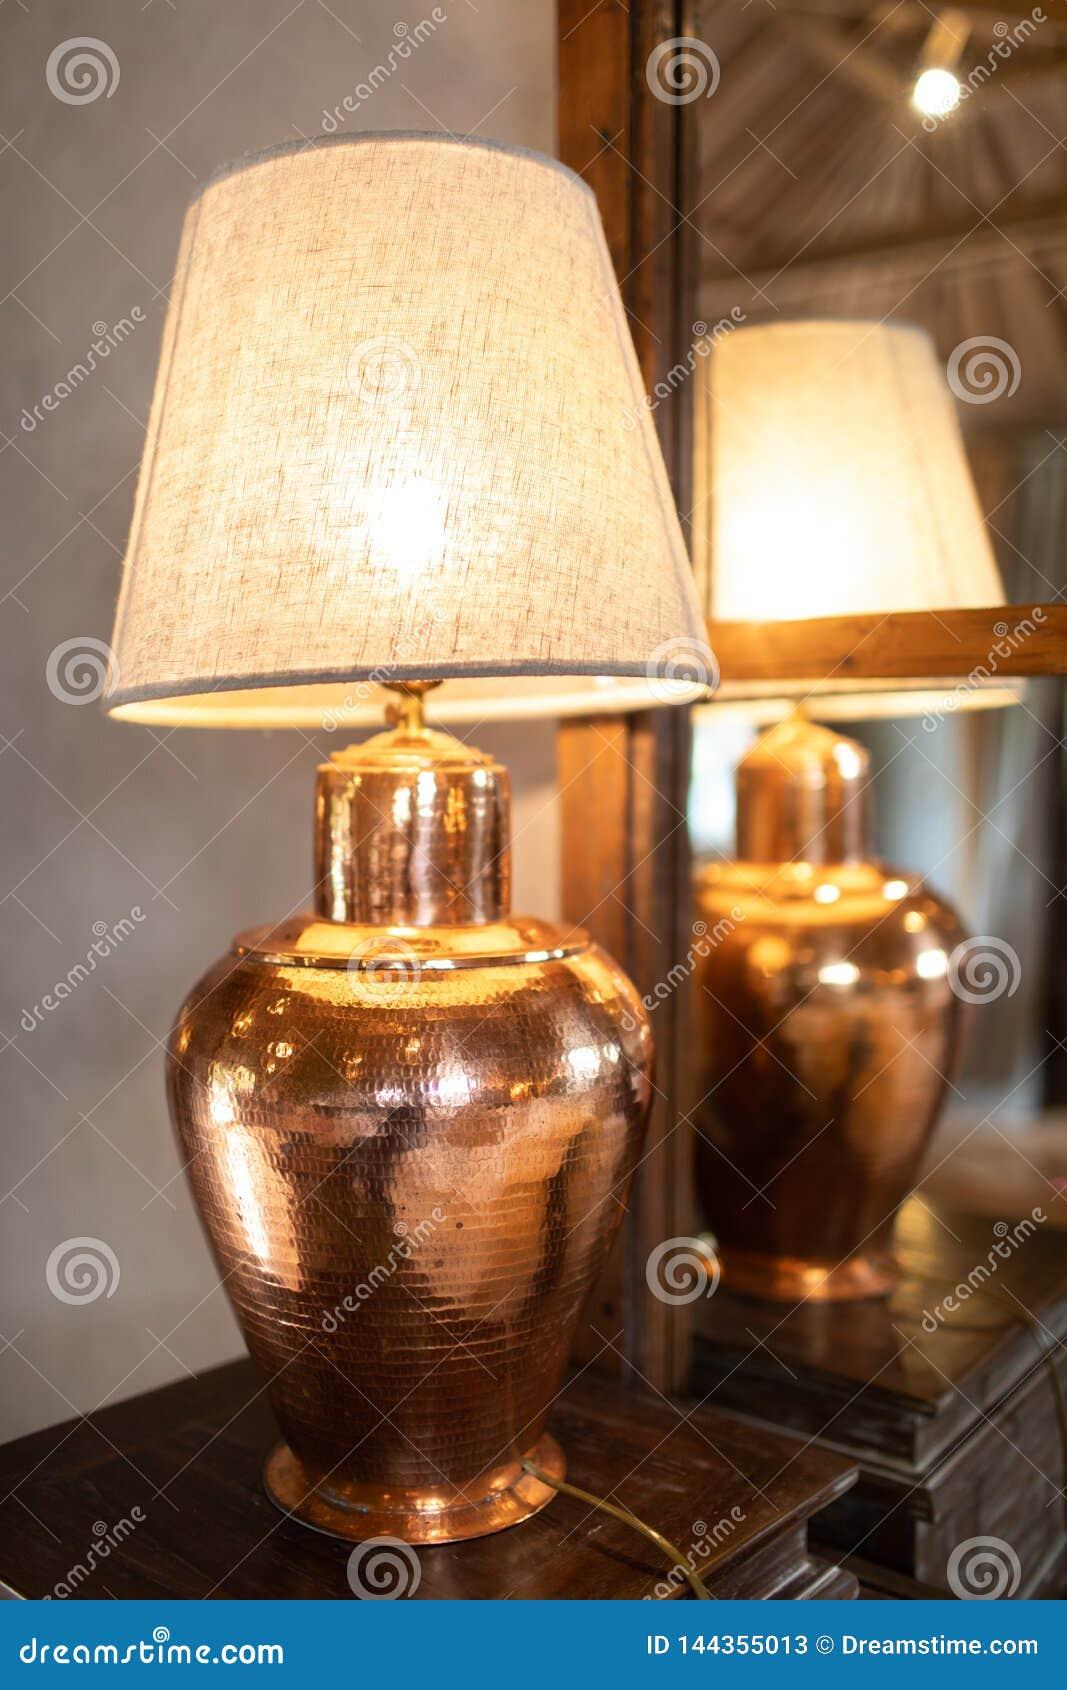 Bronzelampe auf hölzerner Tabelle